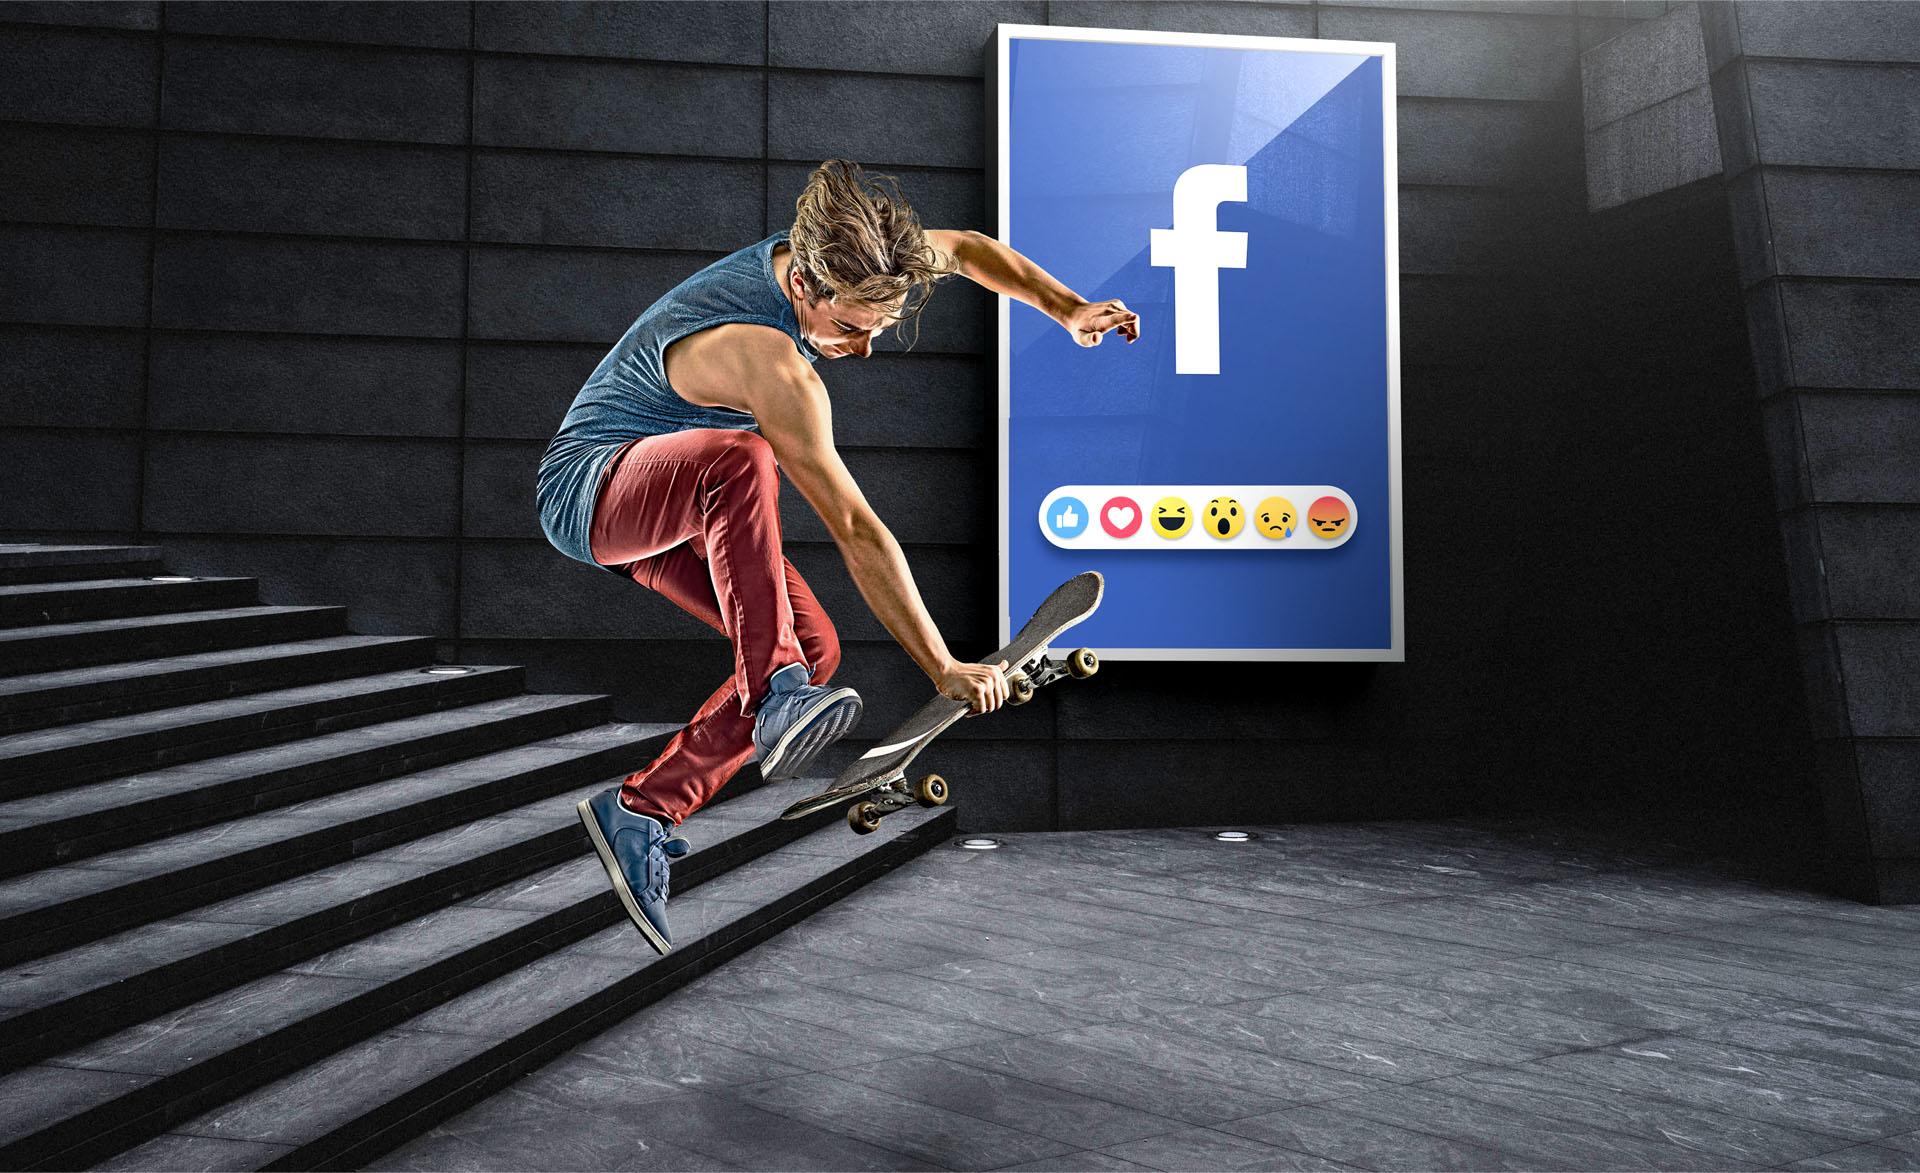 Cuáles son los tipos de anuncios que puedes crear como campañas de publicidad en Facebook según sus objetivos